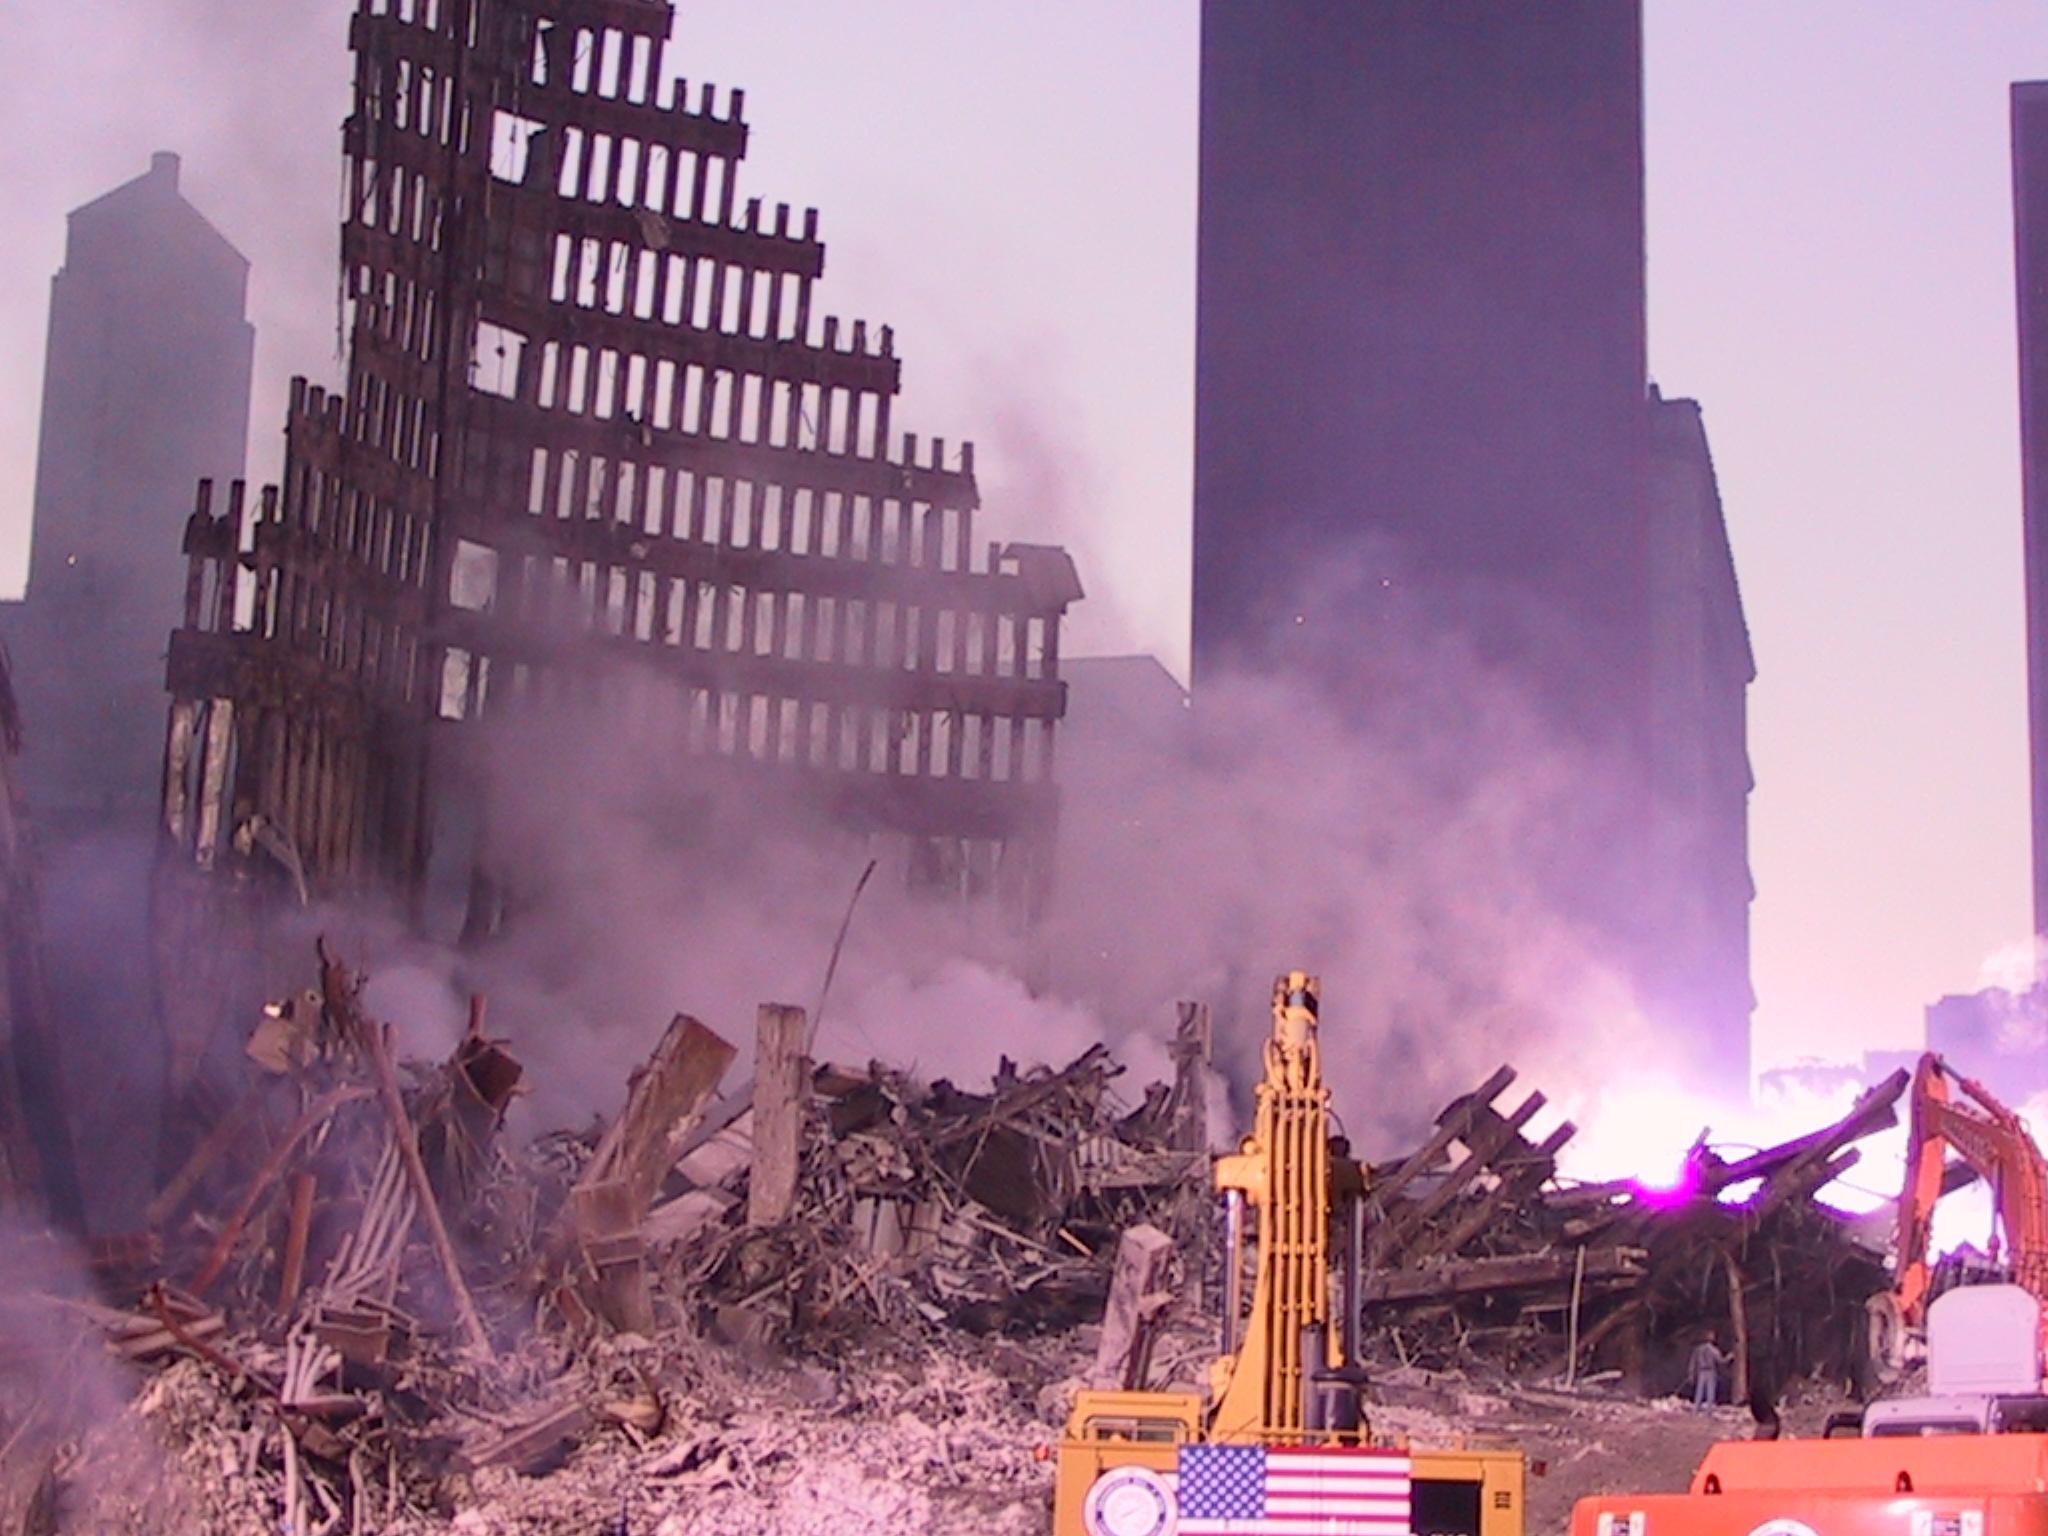 foto fotos ineditas de los atentados del 11s en nueva york 20 junio 2019